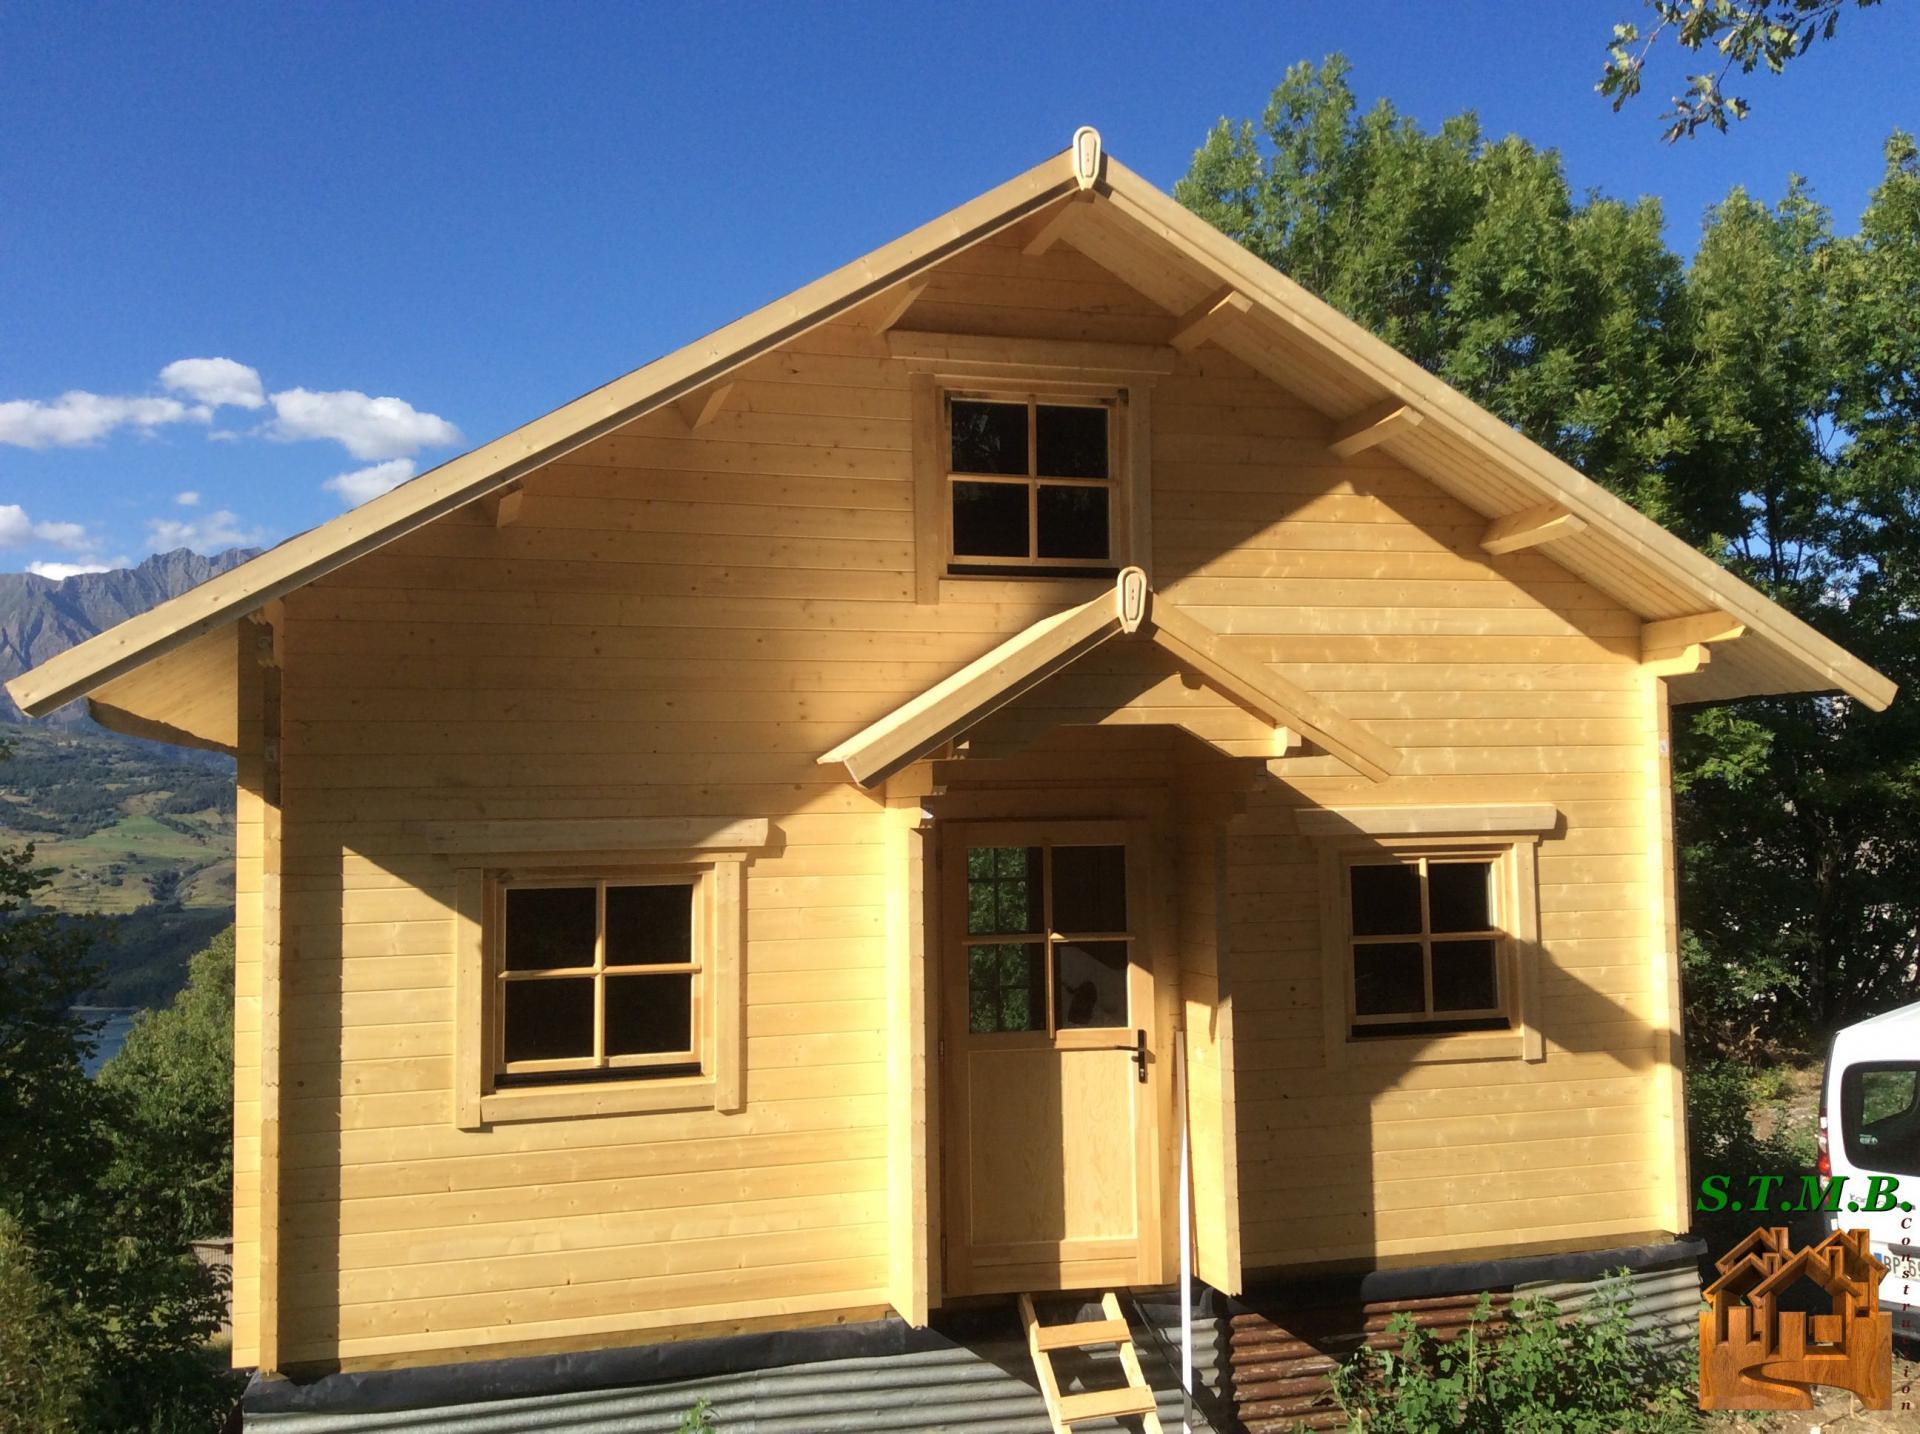 Fabricant Constructeur De Kits Chalets En Bois Habitables - Stmb tout Chalet Kit Pas Cher